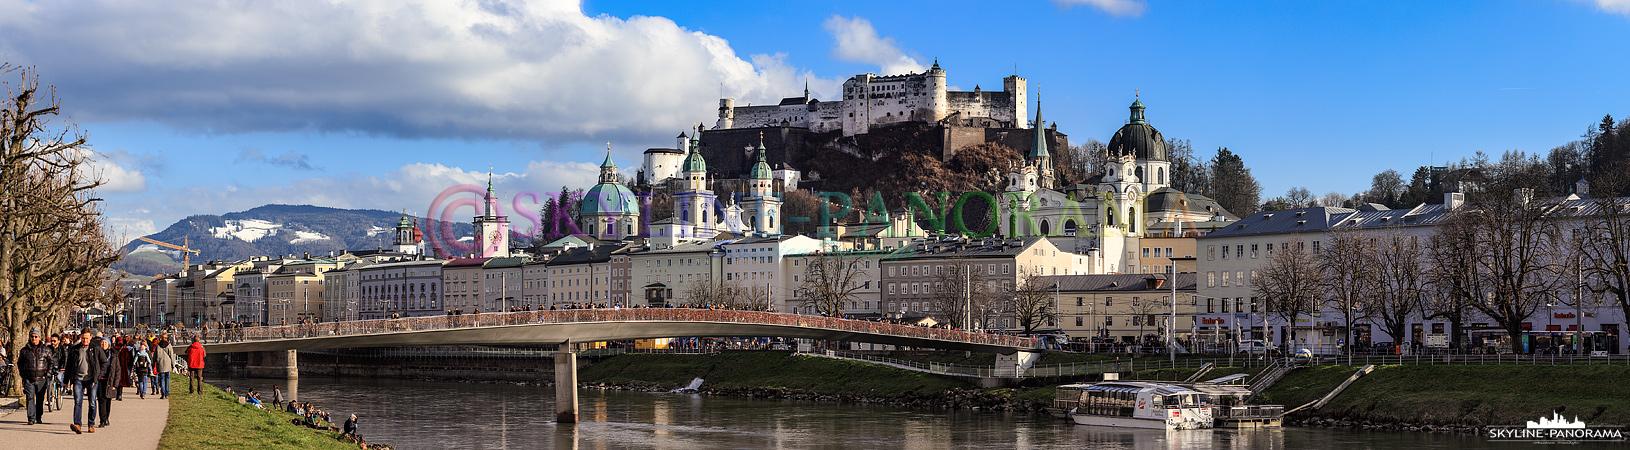 Salzburg am Tag - Panorama vom Elisabethkai am Ufer der Salzach in Richtung der Altstadt von Salzburg und der über alles thronenden Festung Hohensalzburg.